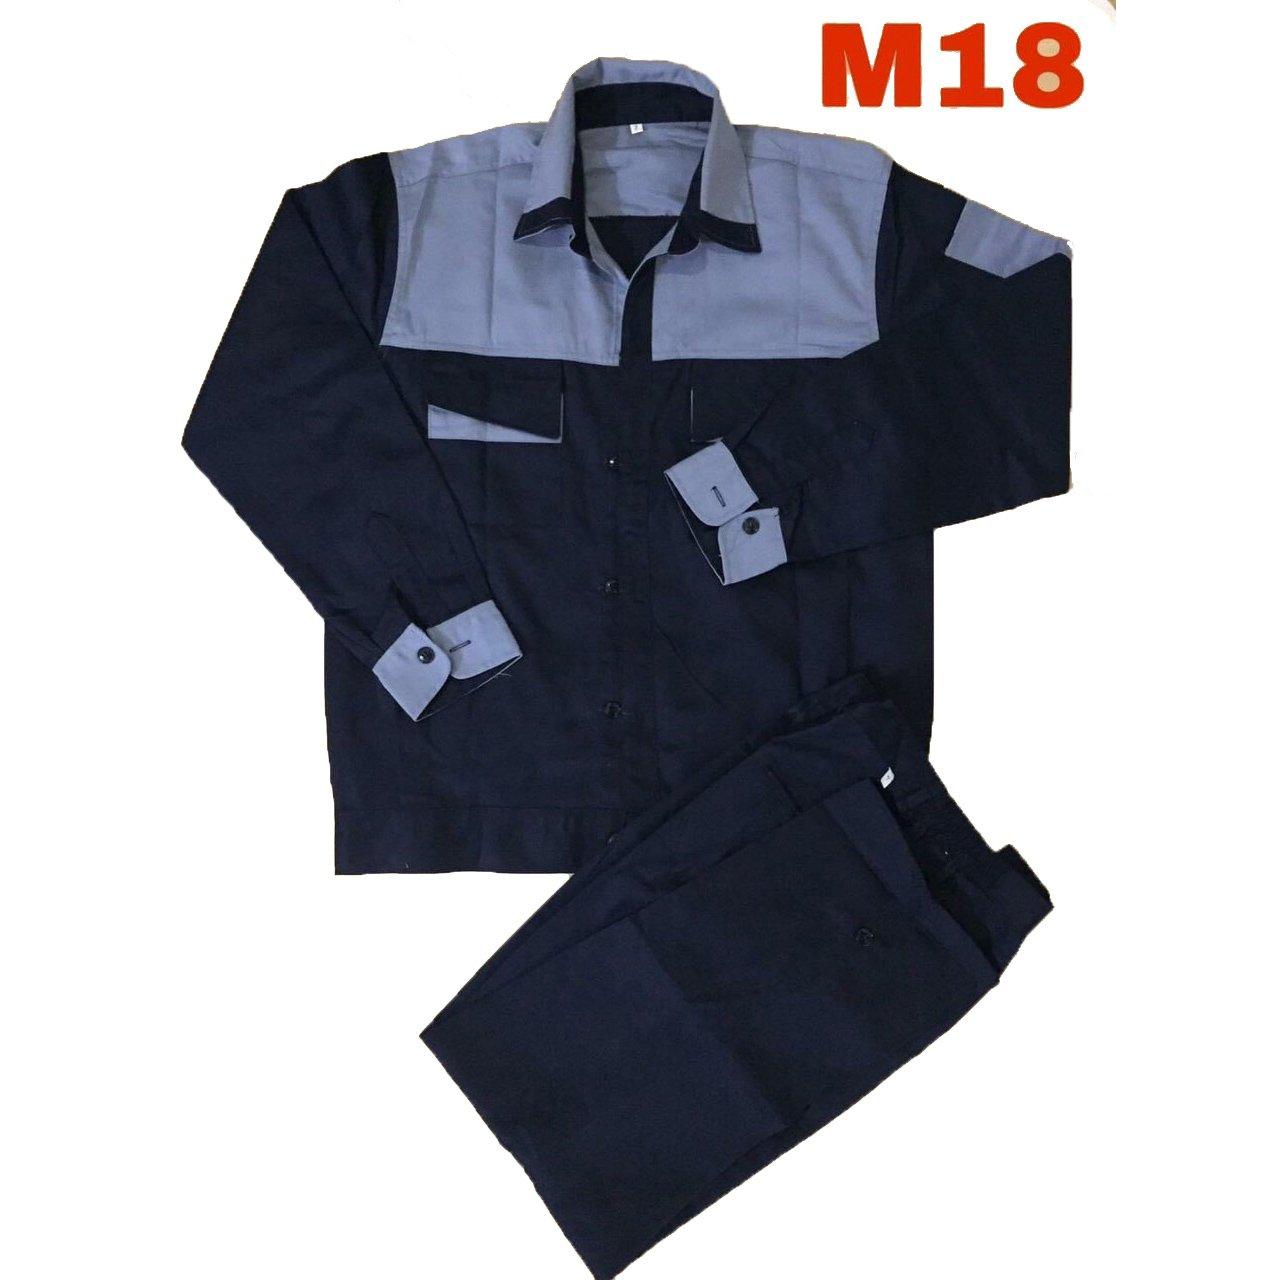 Quần áo bảo hộ lao động phối xanh kaki liên doanh